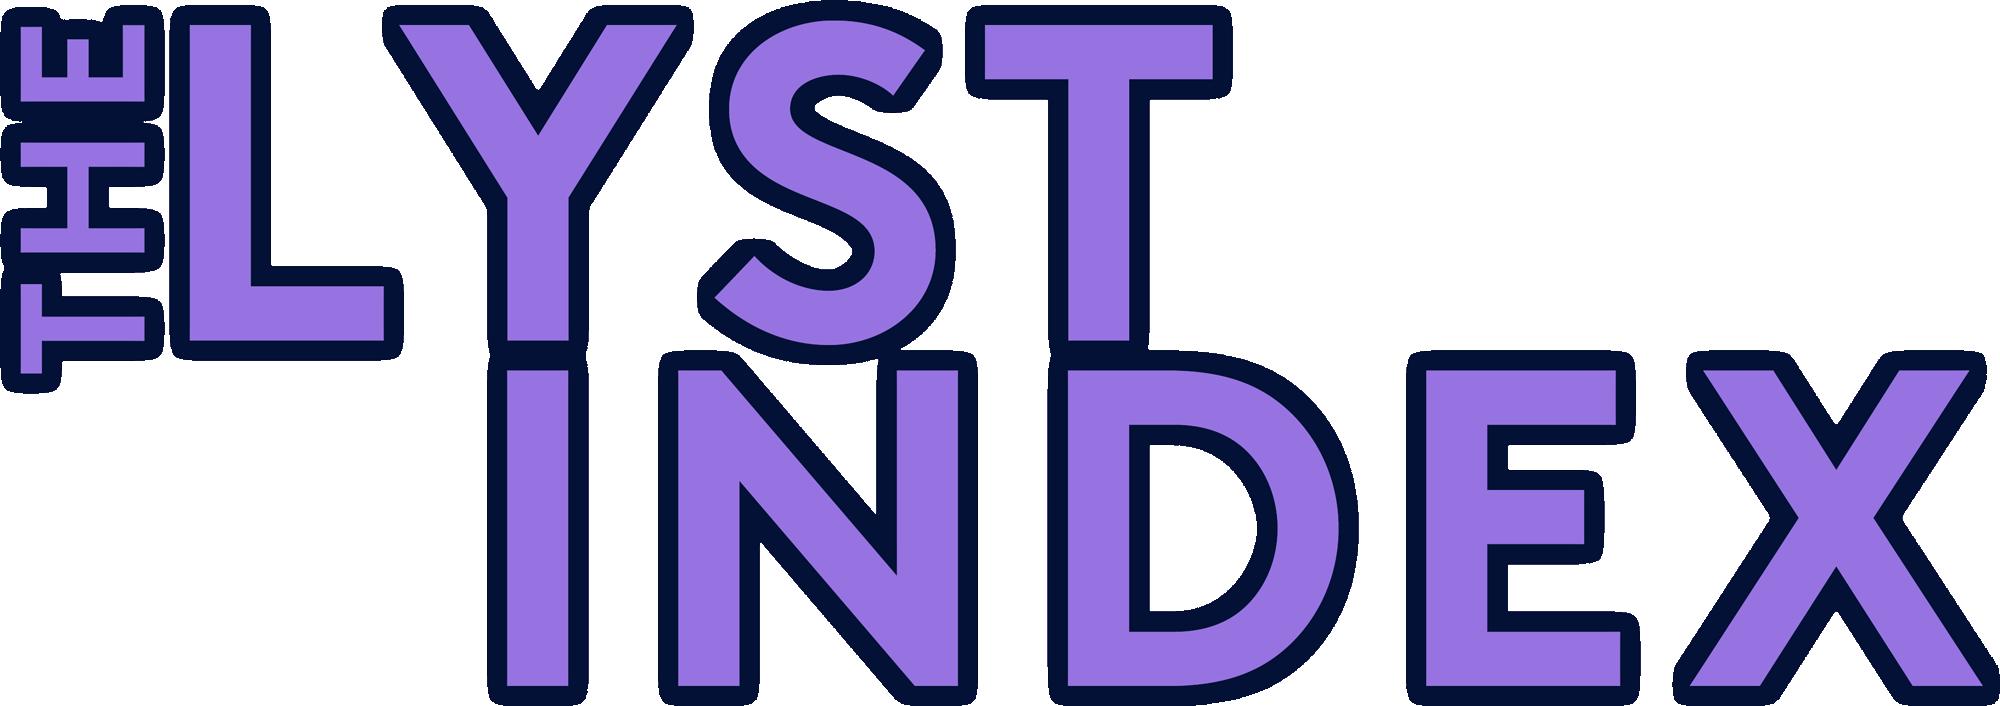 4a64de39b7 Lyst - The Lyst Index: tutti i brand e i prodotti più desiderati del ...